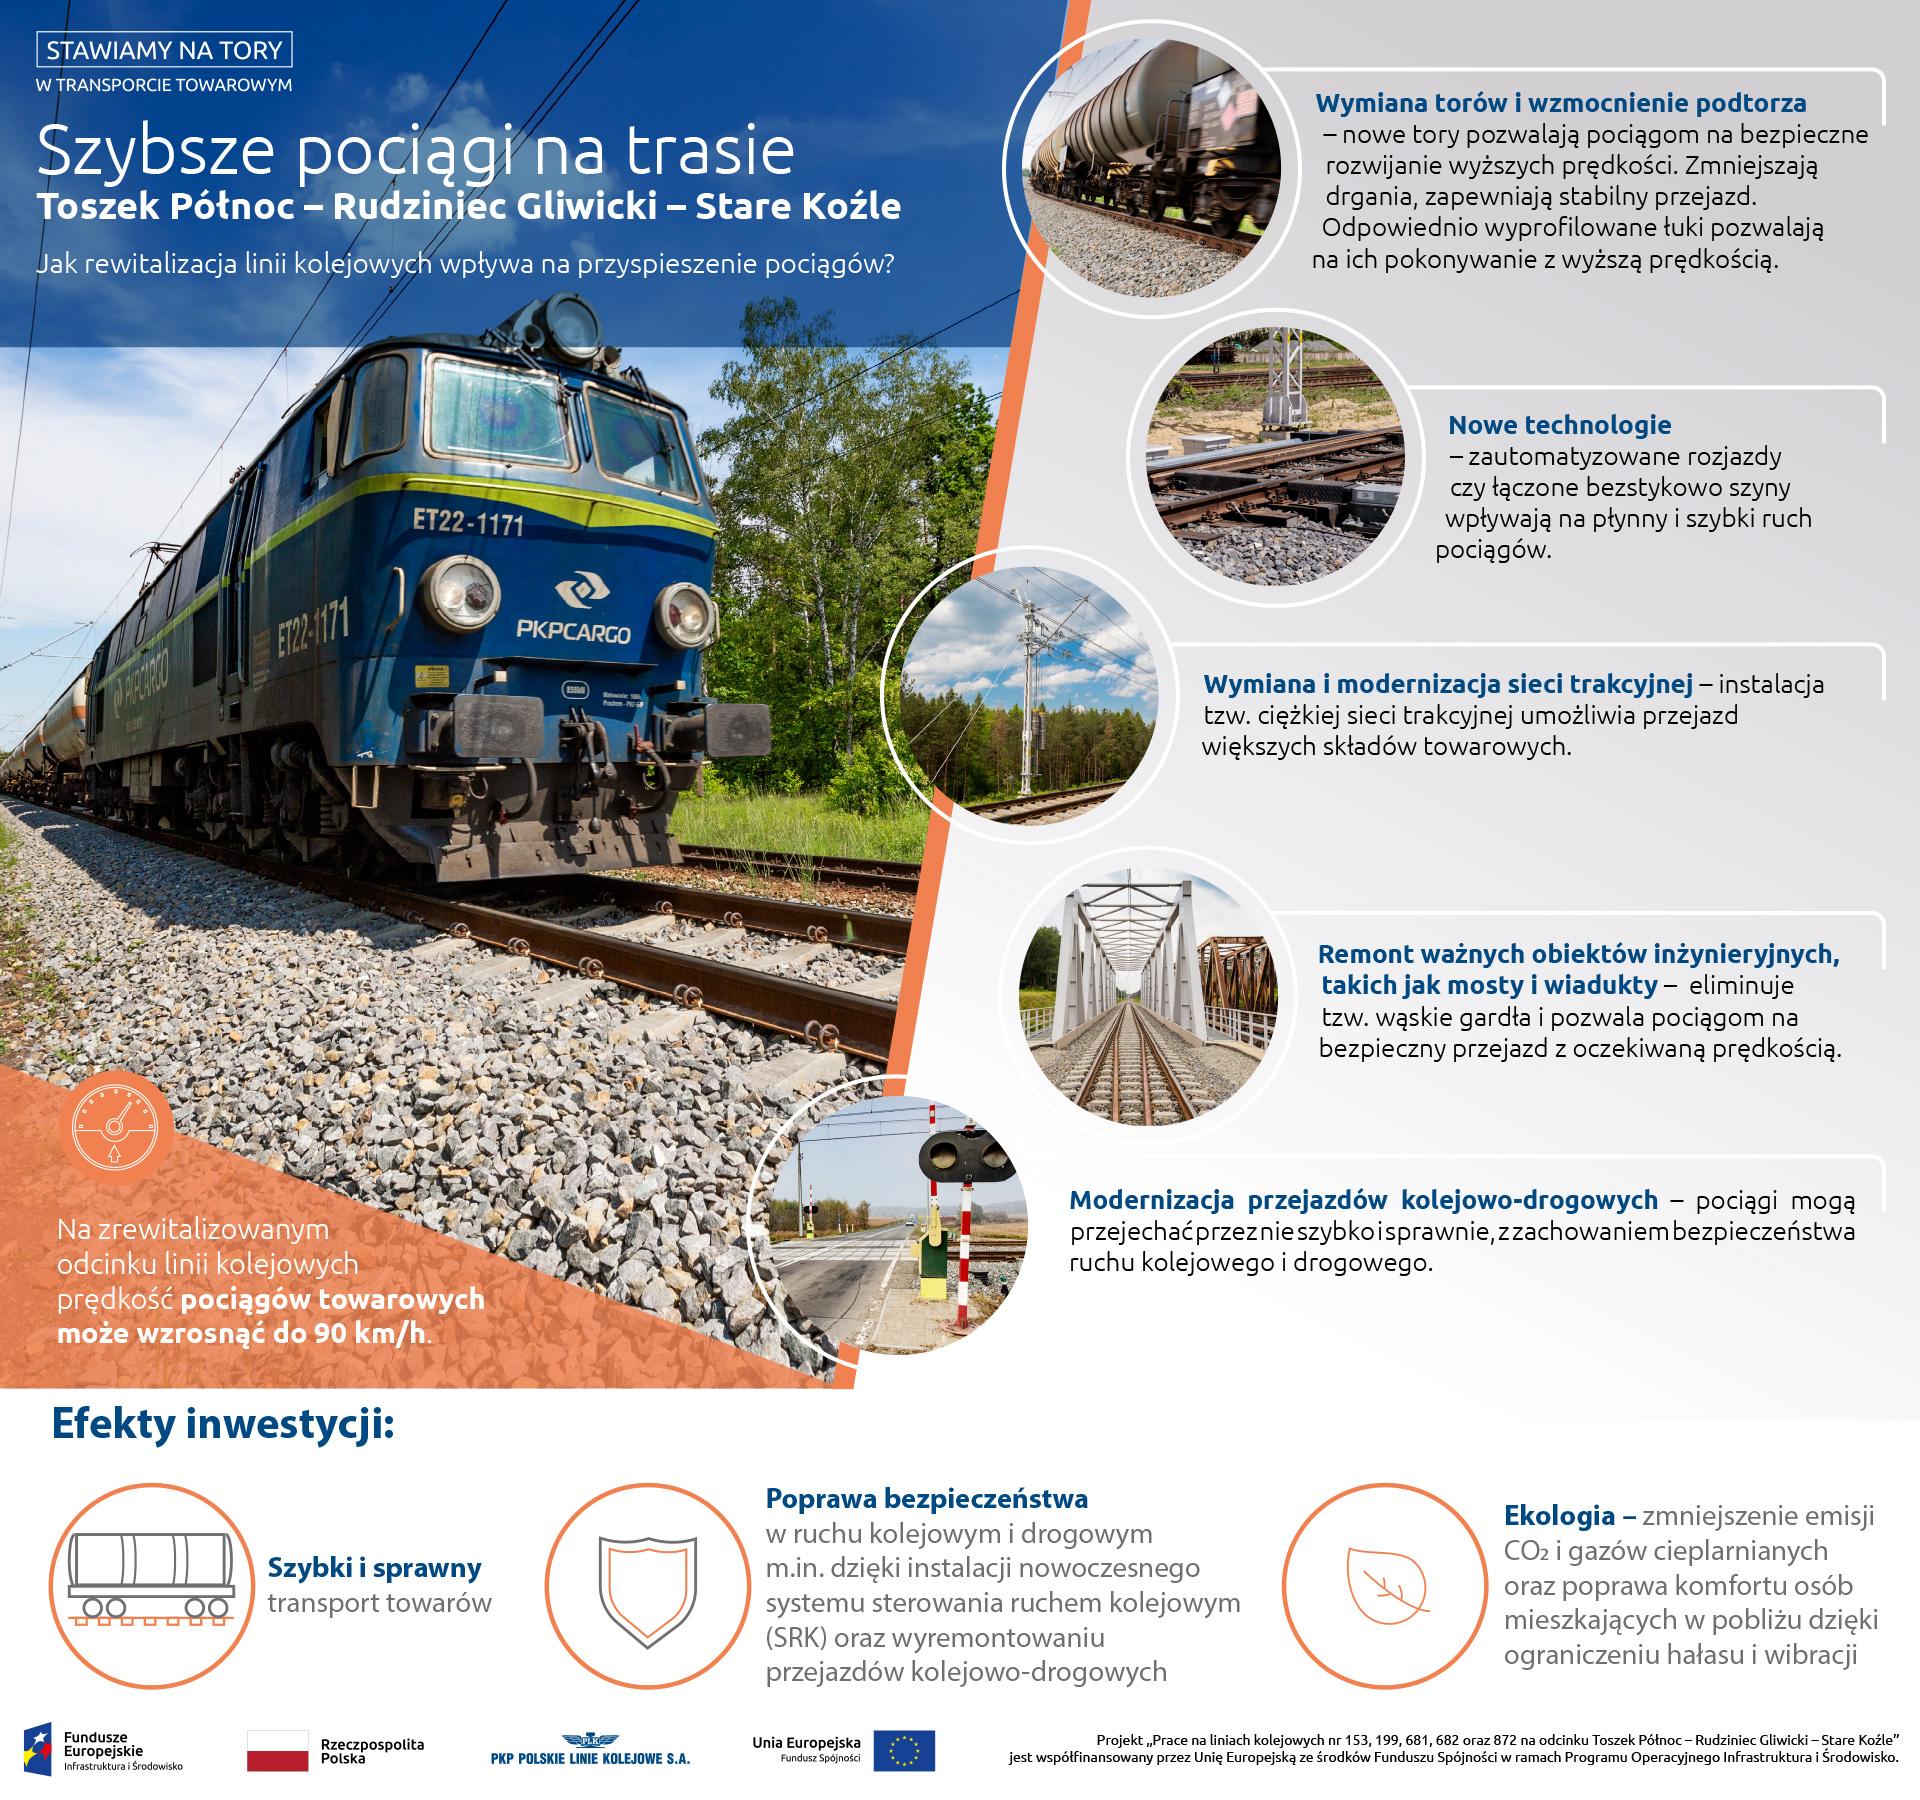 Infografika: informuje ona o usprawinieniach przyspieszających transport: Są to wymiana torów oraz sieci trakcyjnej, remonty najważniejszych obiektów i przejazdów kolejowo-drogowych.